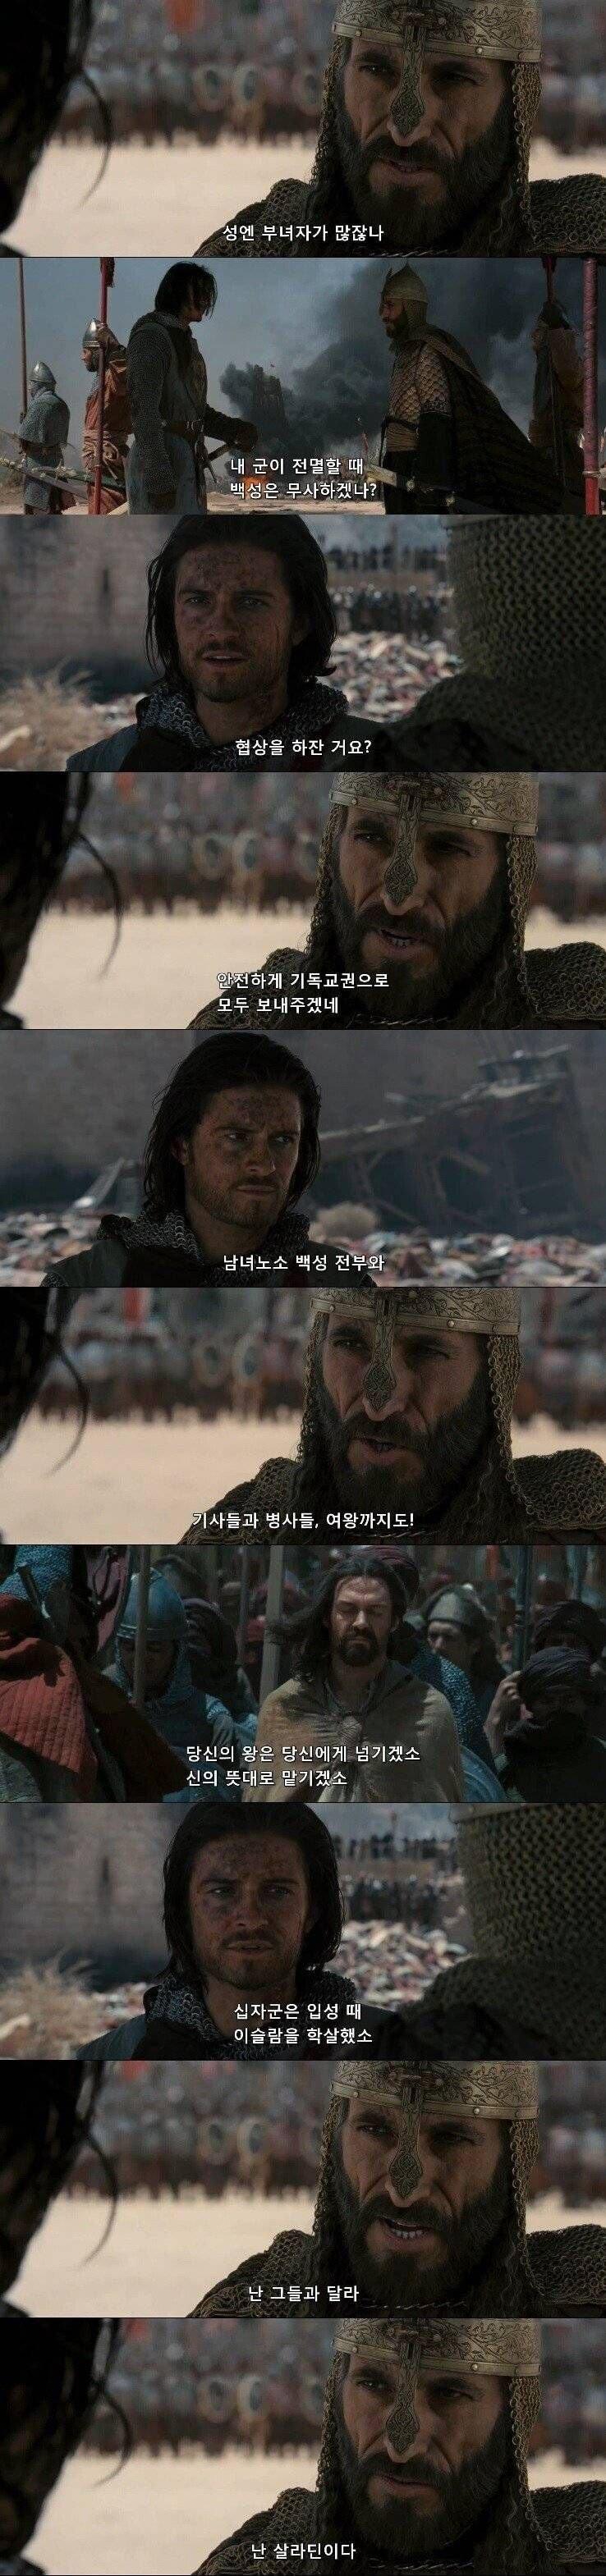 해연갤 - ㅌㅆㅍ 꼭 감독판을 봐야하는 띵작 영화